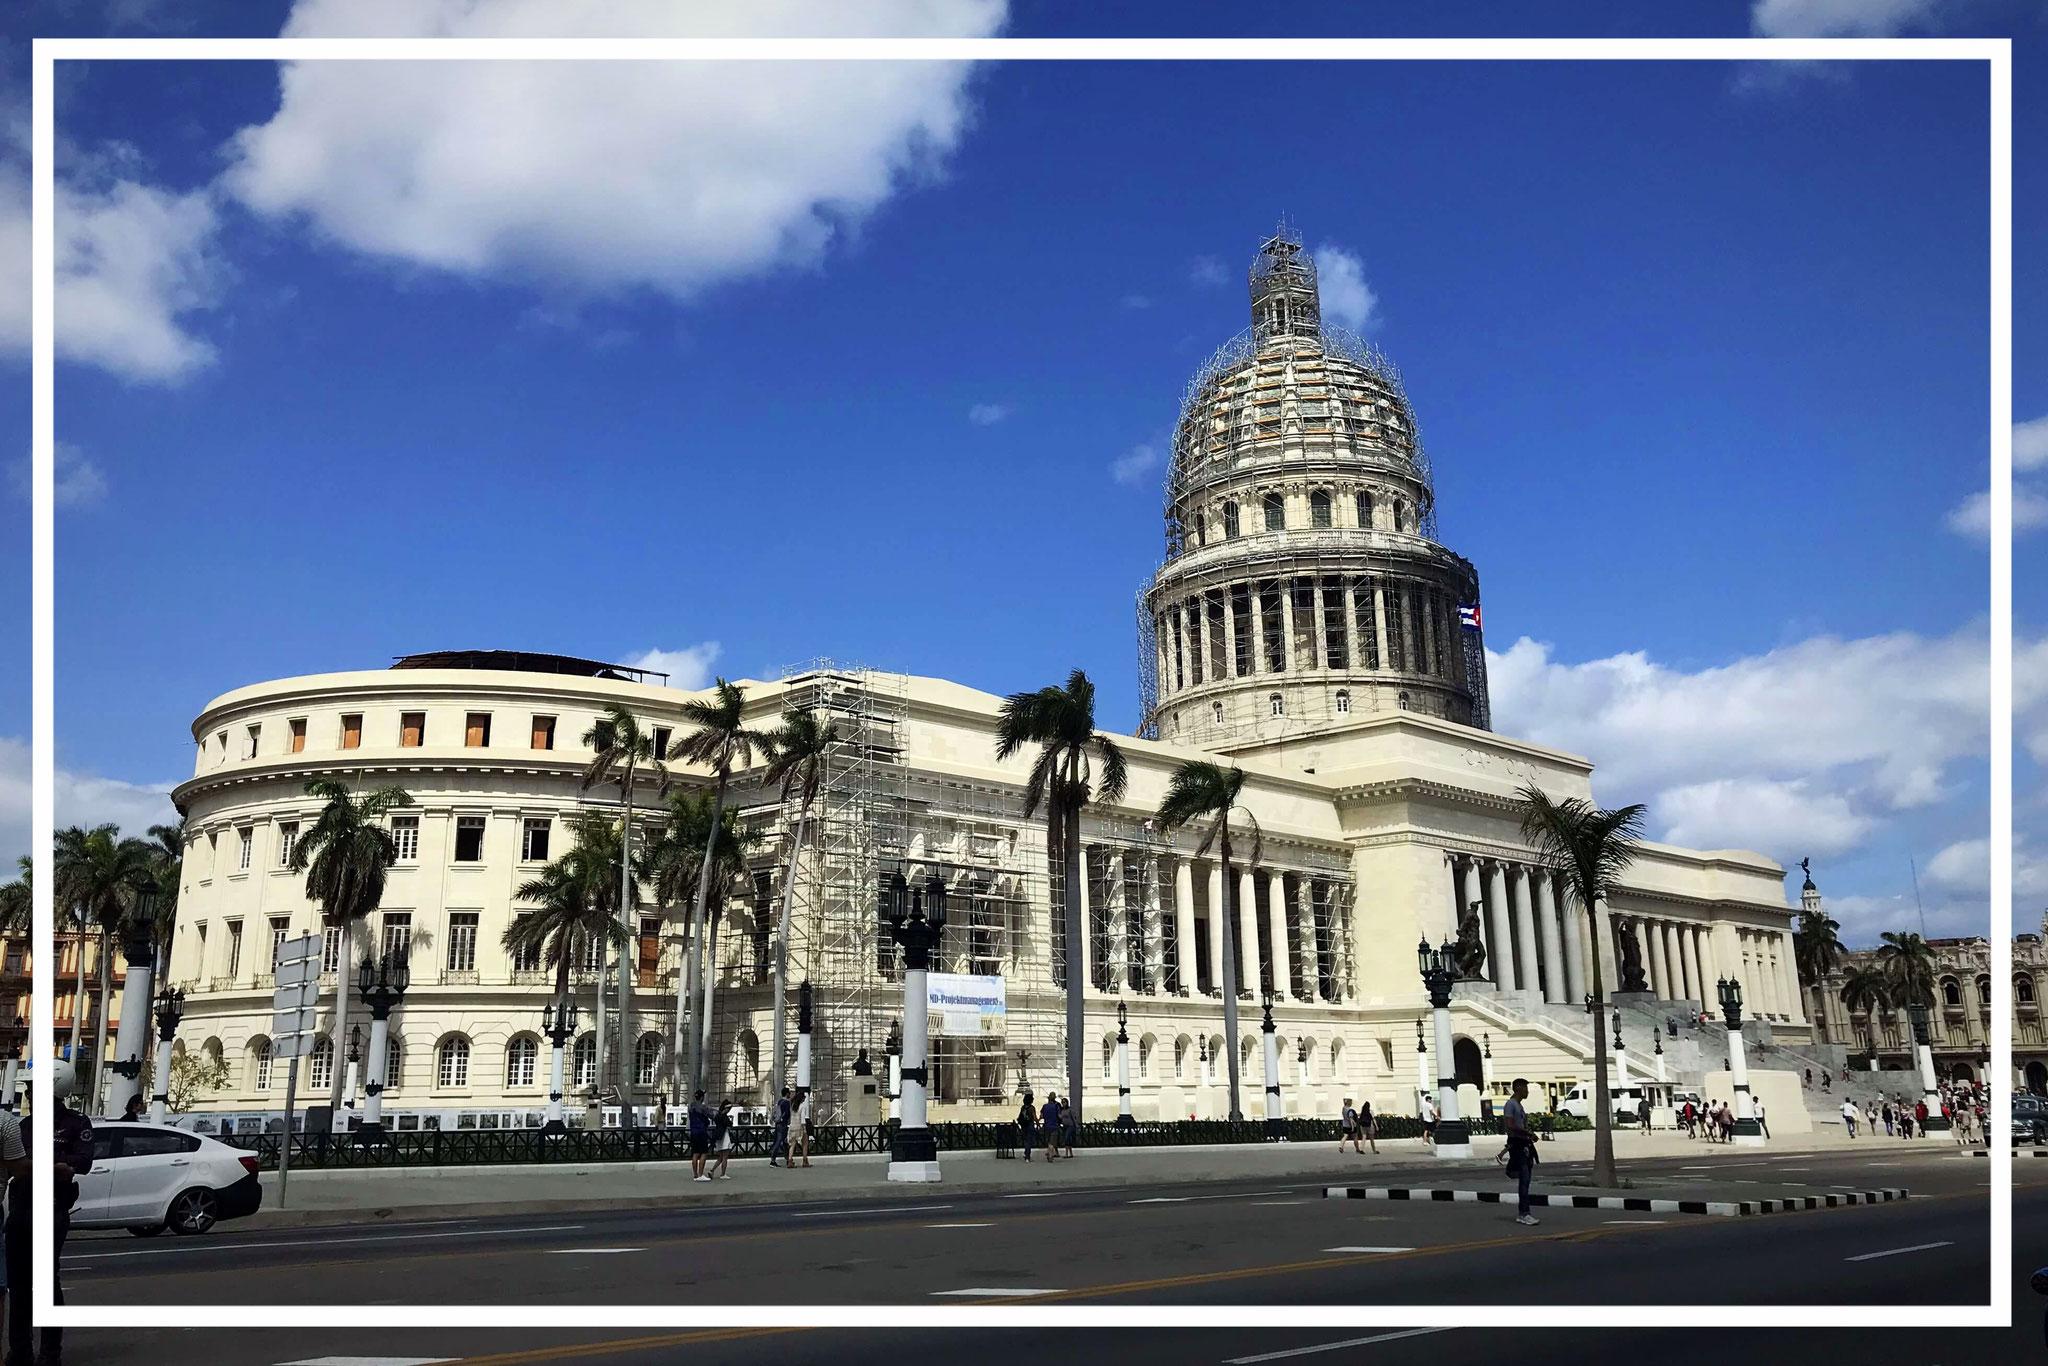 Das Kapitol von Havanna - seit 1928 Regierungssitz